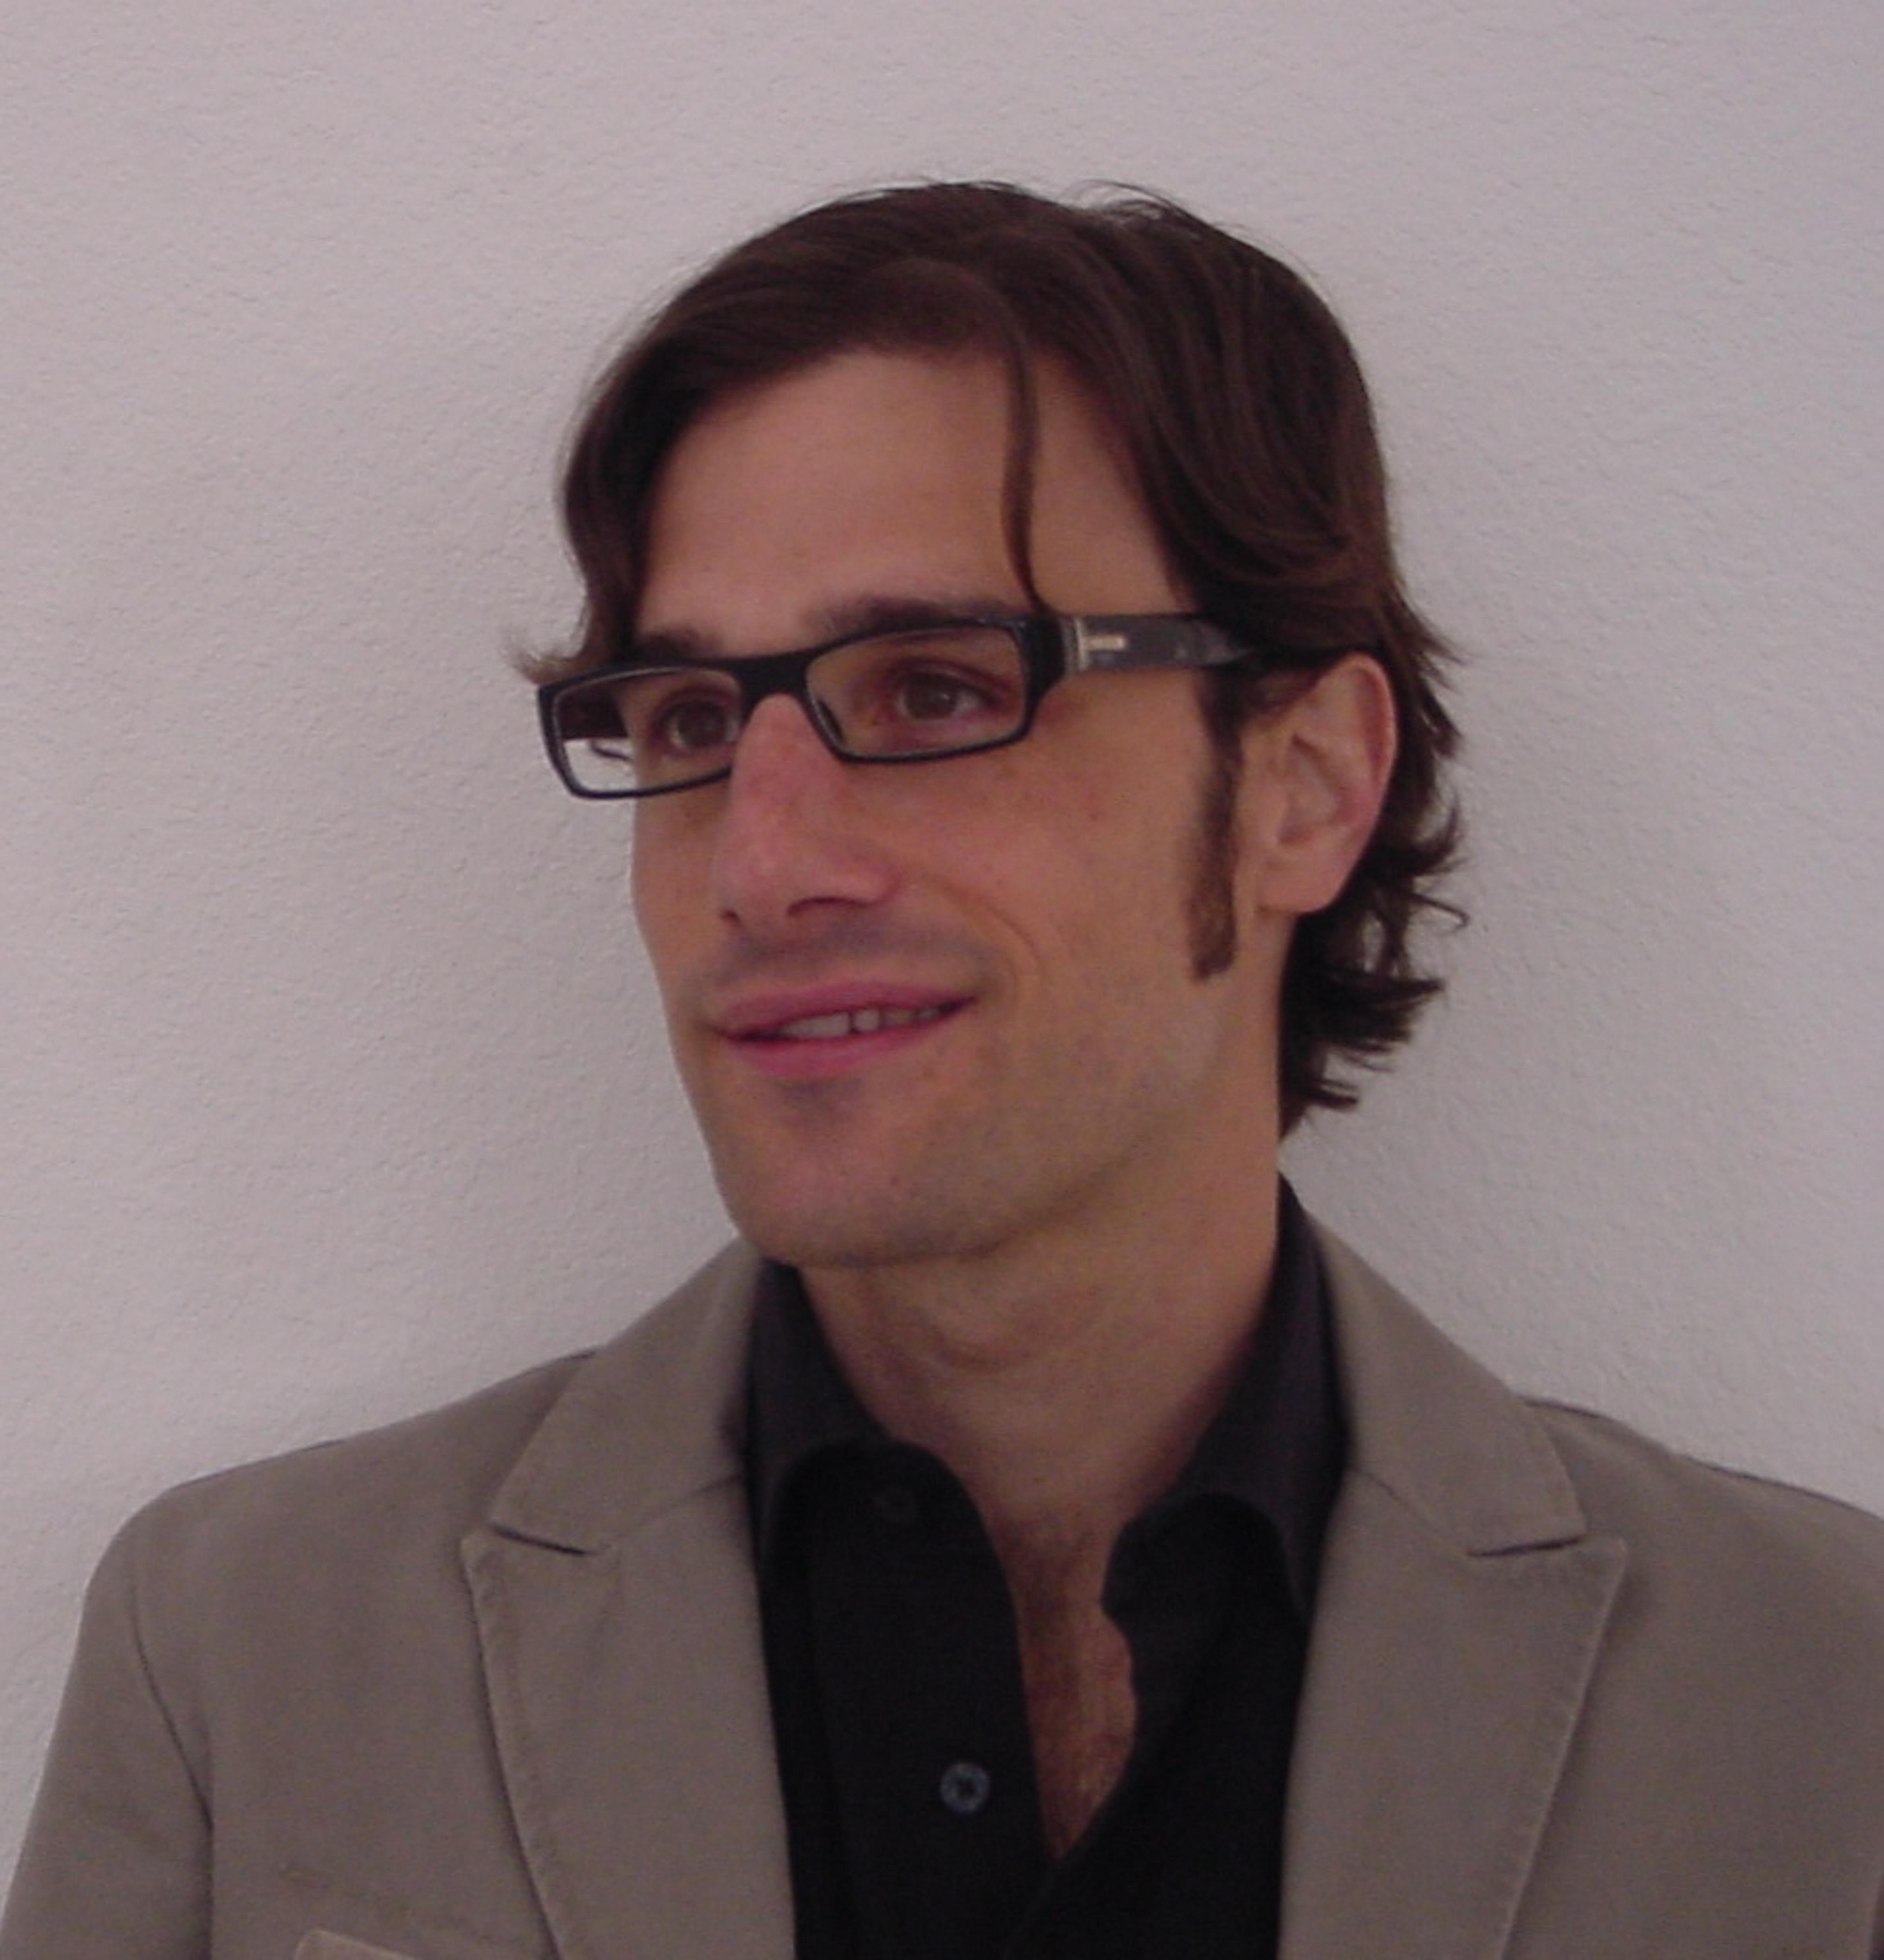 Chris Schaberg